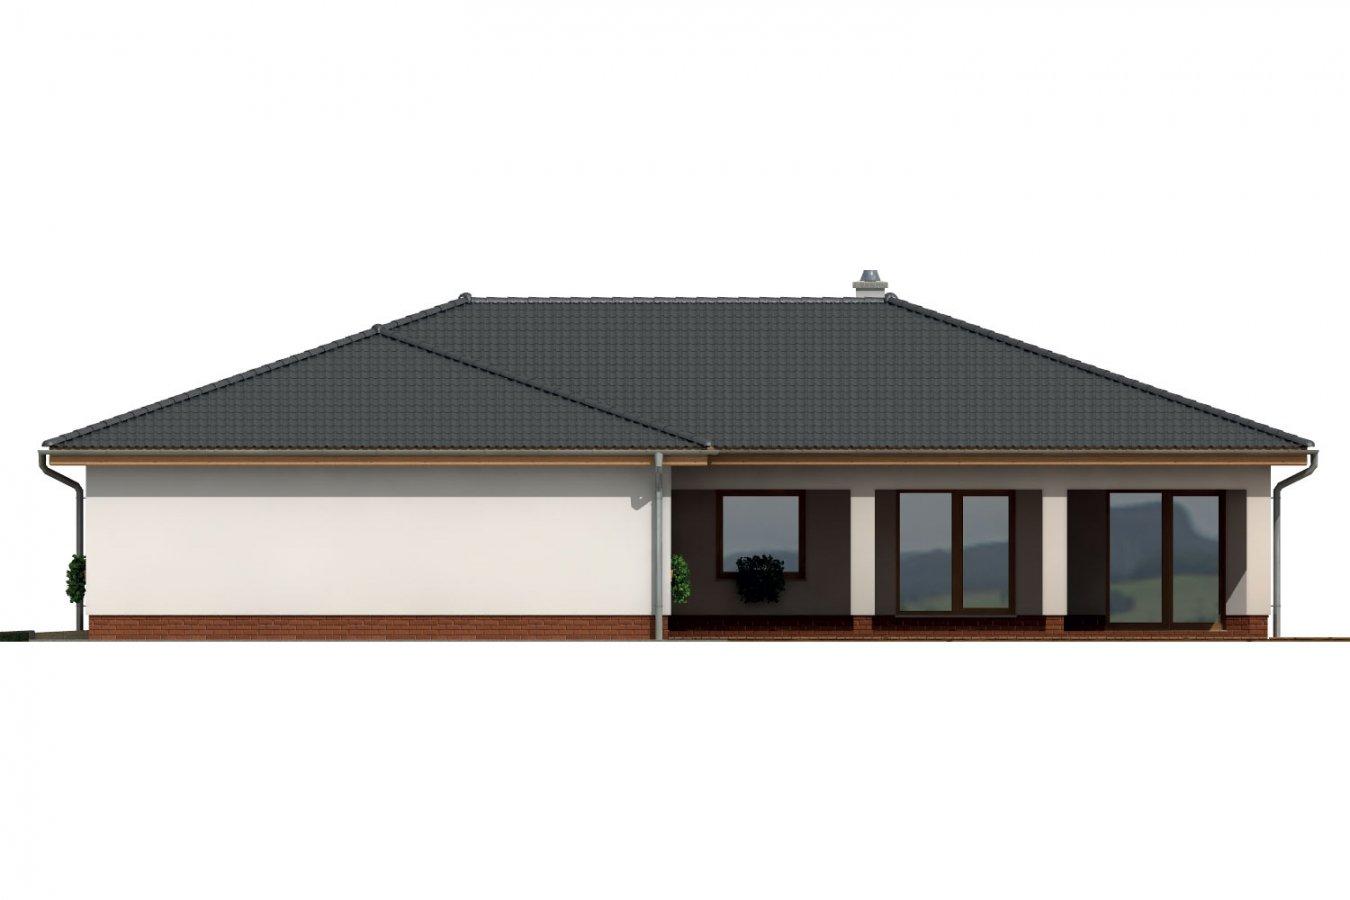 Pohľad 2. - Veľkopriestorový rodinný dom do L s dvojgarážou a krytou terasou.